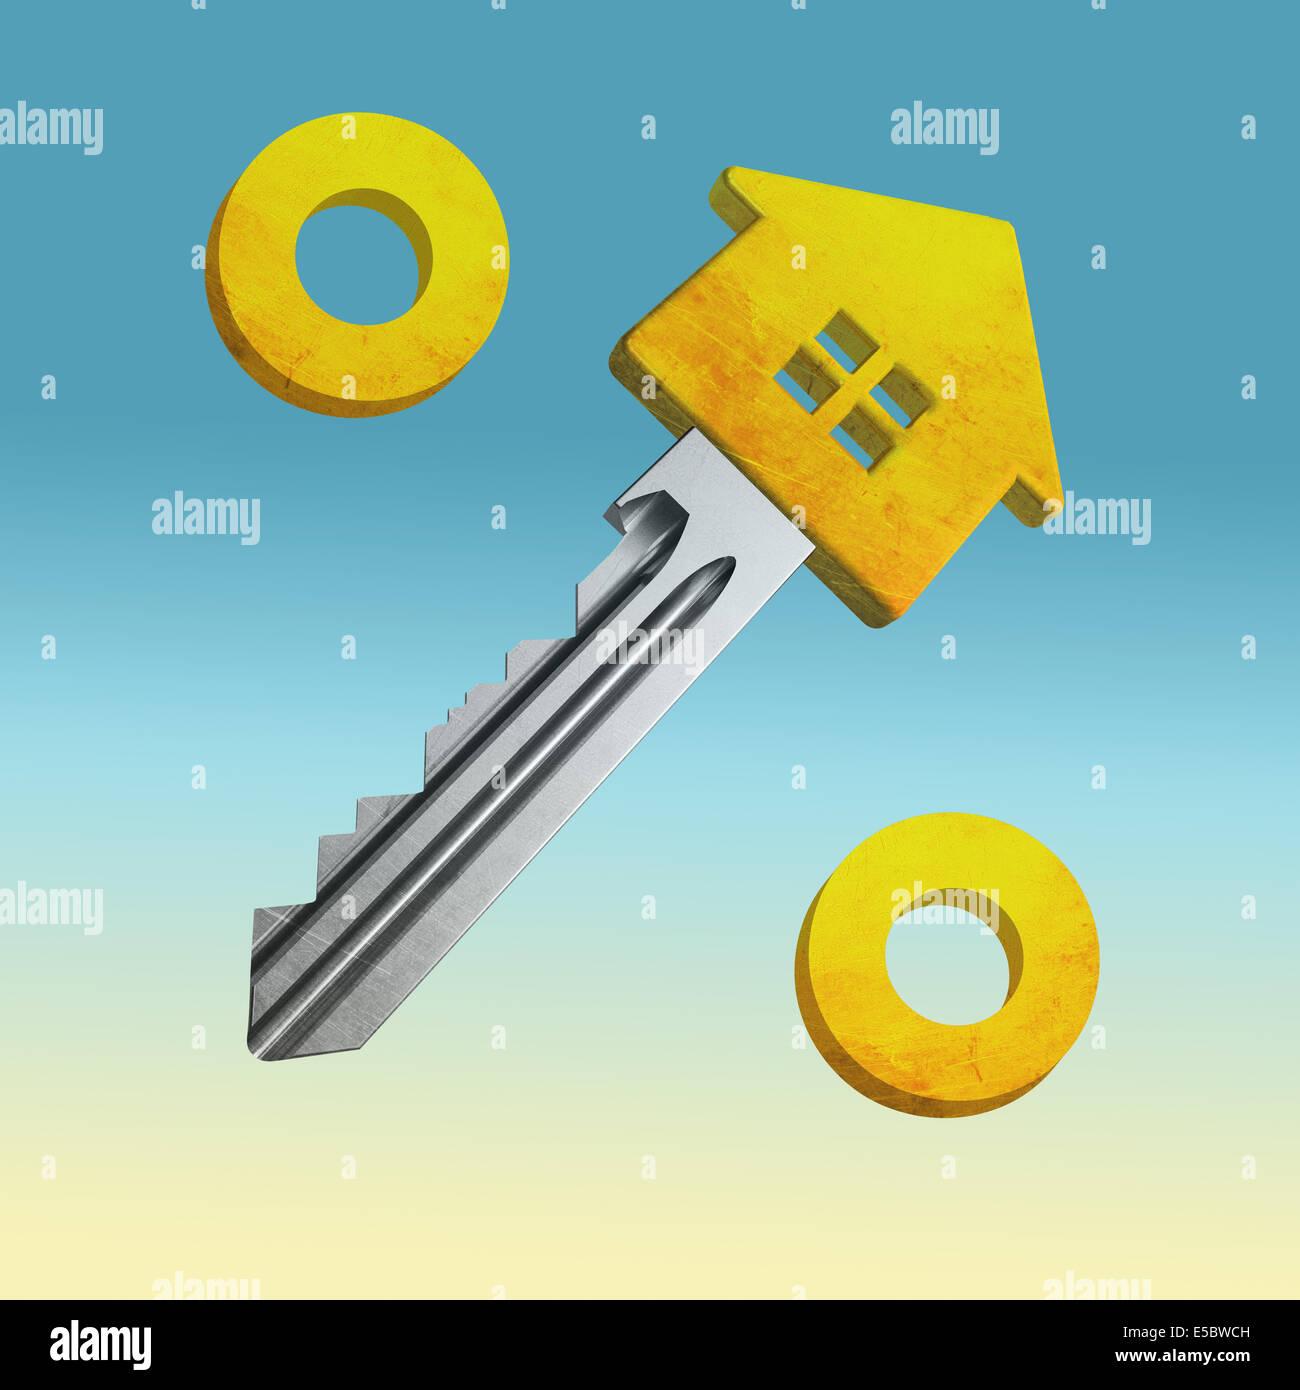 Immagine illustrativa del segno di percentuale realizzata da casa e la chiave che rappresentano il prestito iniziale Immagini Stock